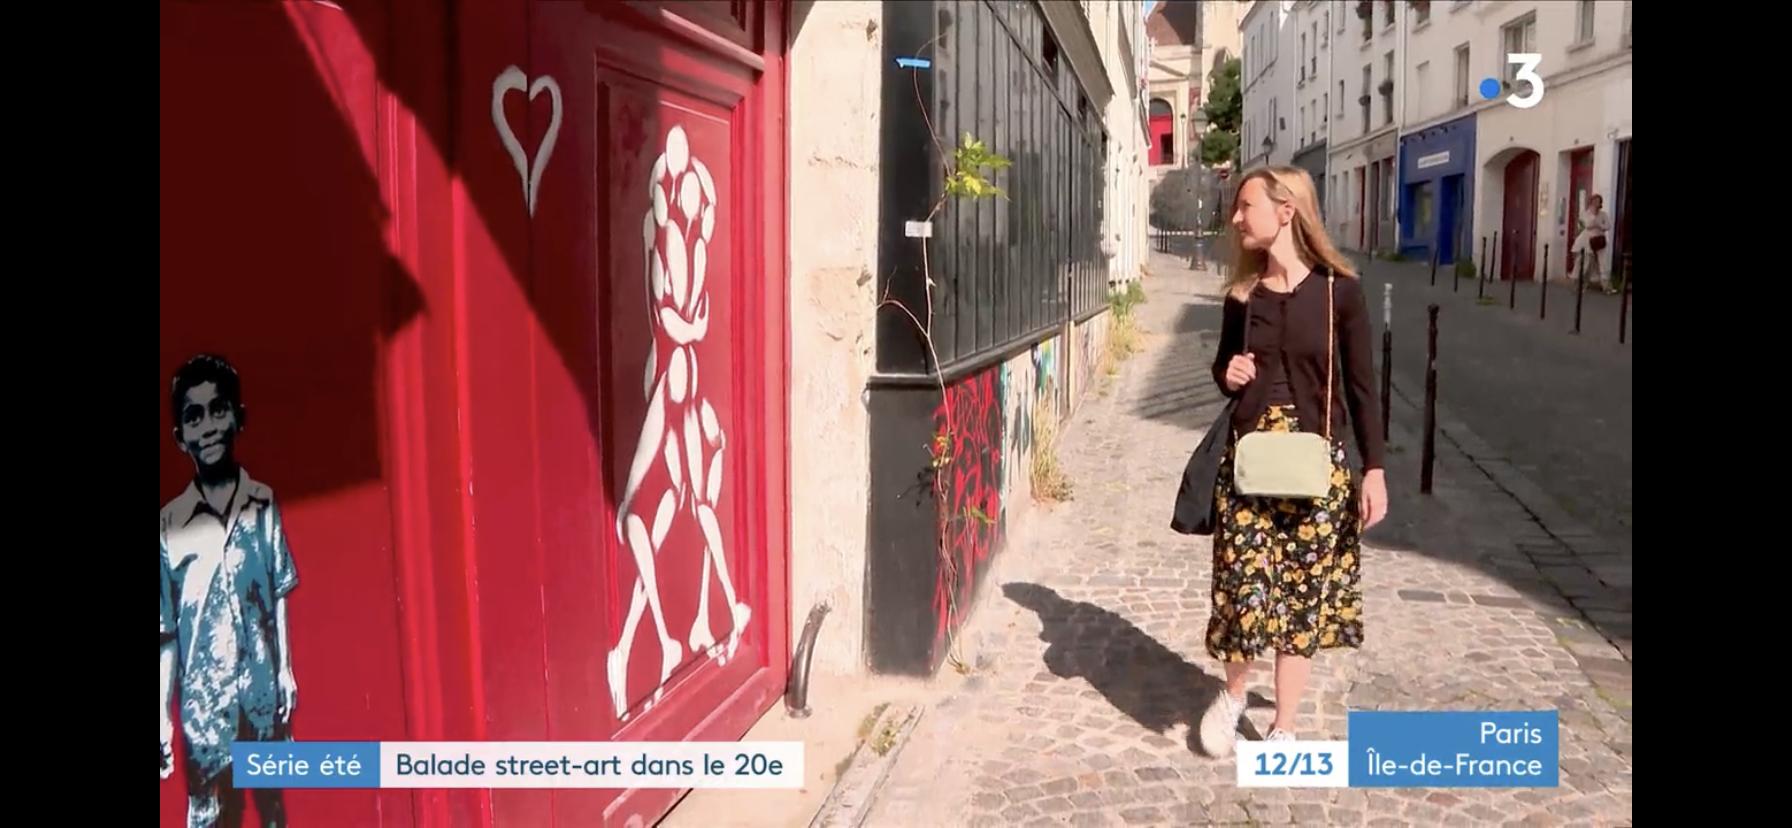 Balades street-art dans le 20e arrondissement, avec France 3 Ile-de-France